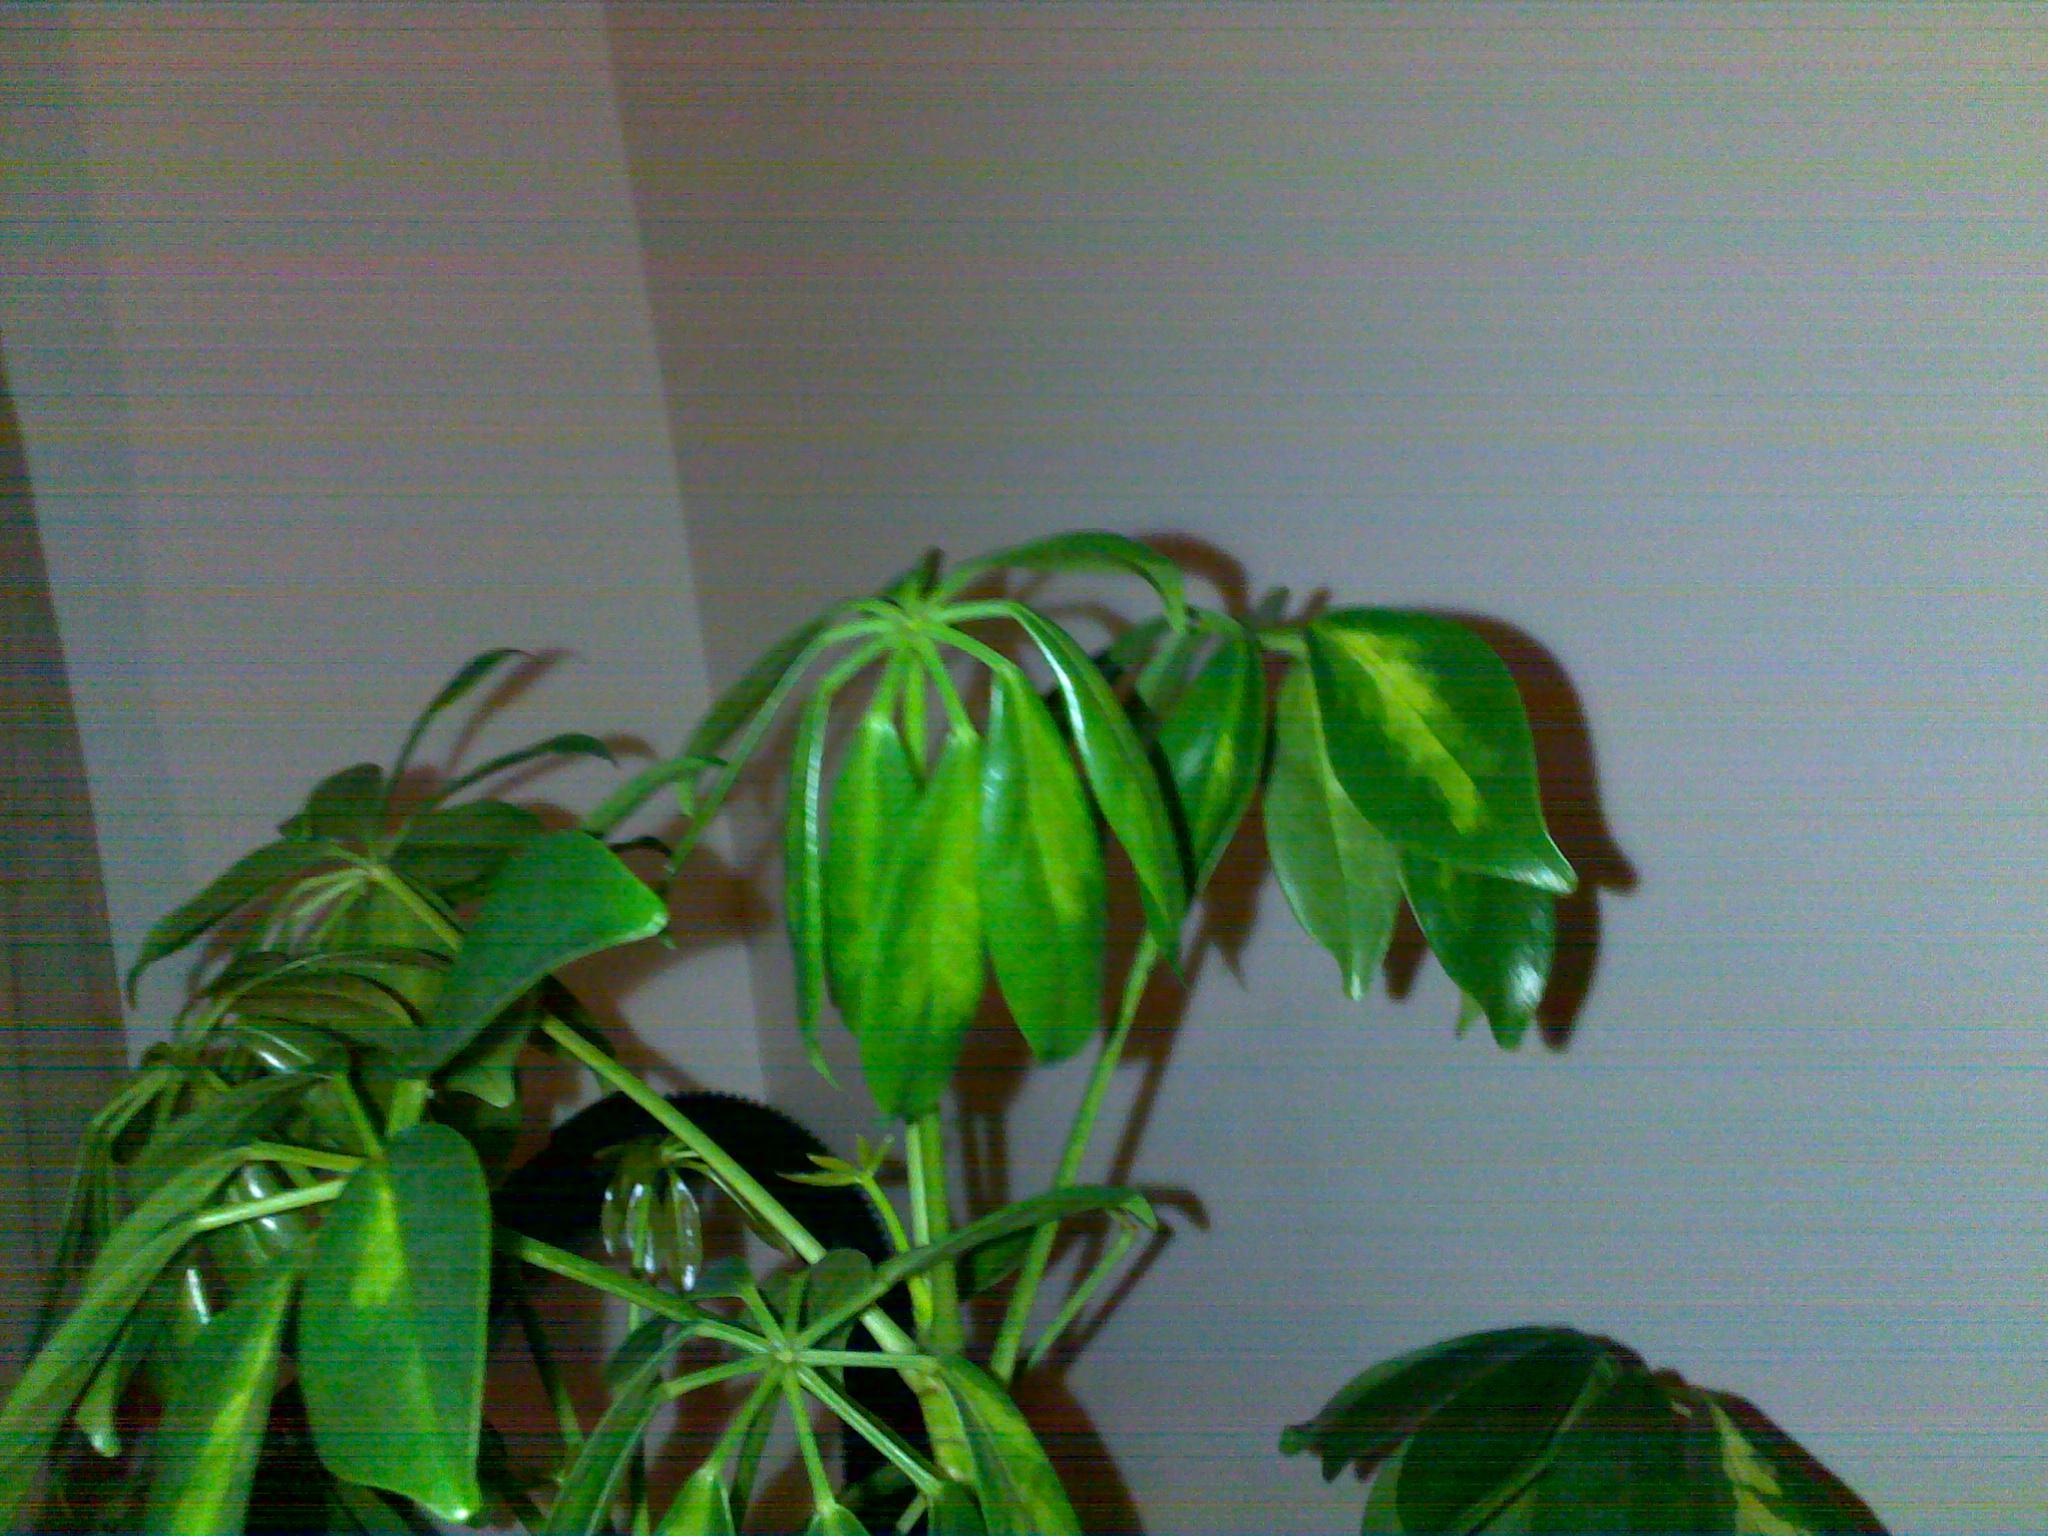 nouvelles feuilles de mon schefflera sont molles 77508320042013146